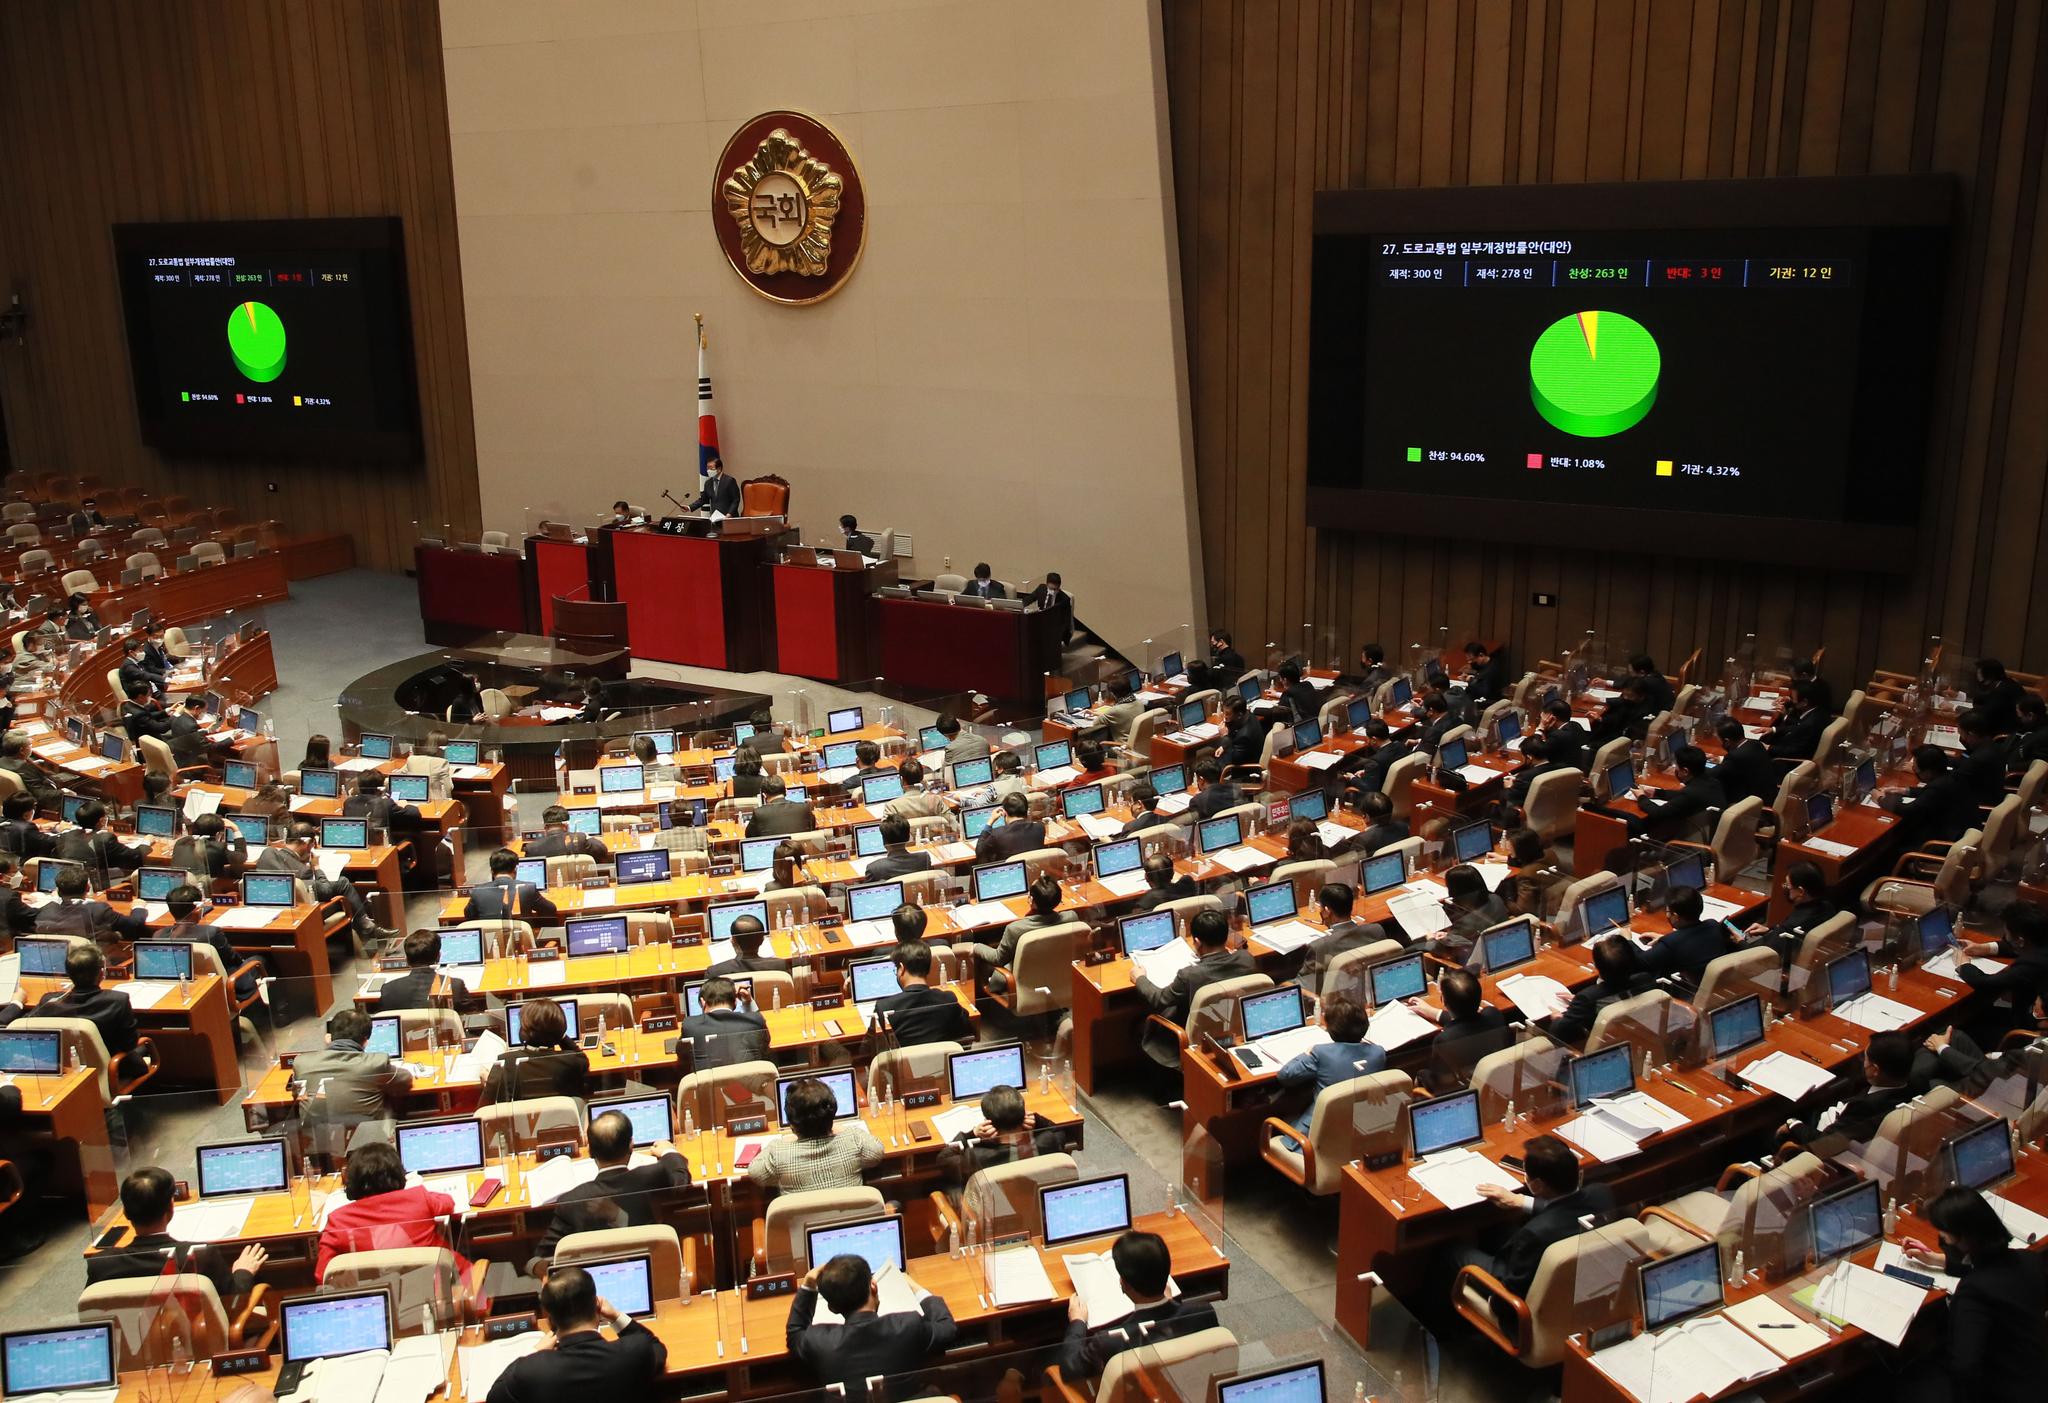 9일 오후 서울 여의도 국회에서 열린 제382회국회(정기회) 제15차 본회의에서 도로교통법 일부개정법률안이 통과되고 있다. 오종택 기자